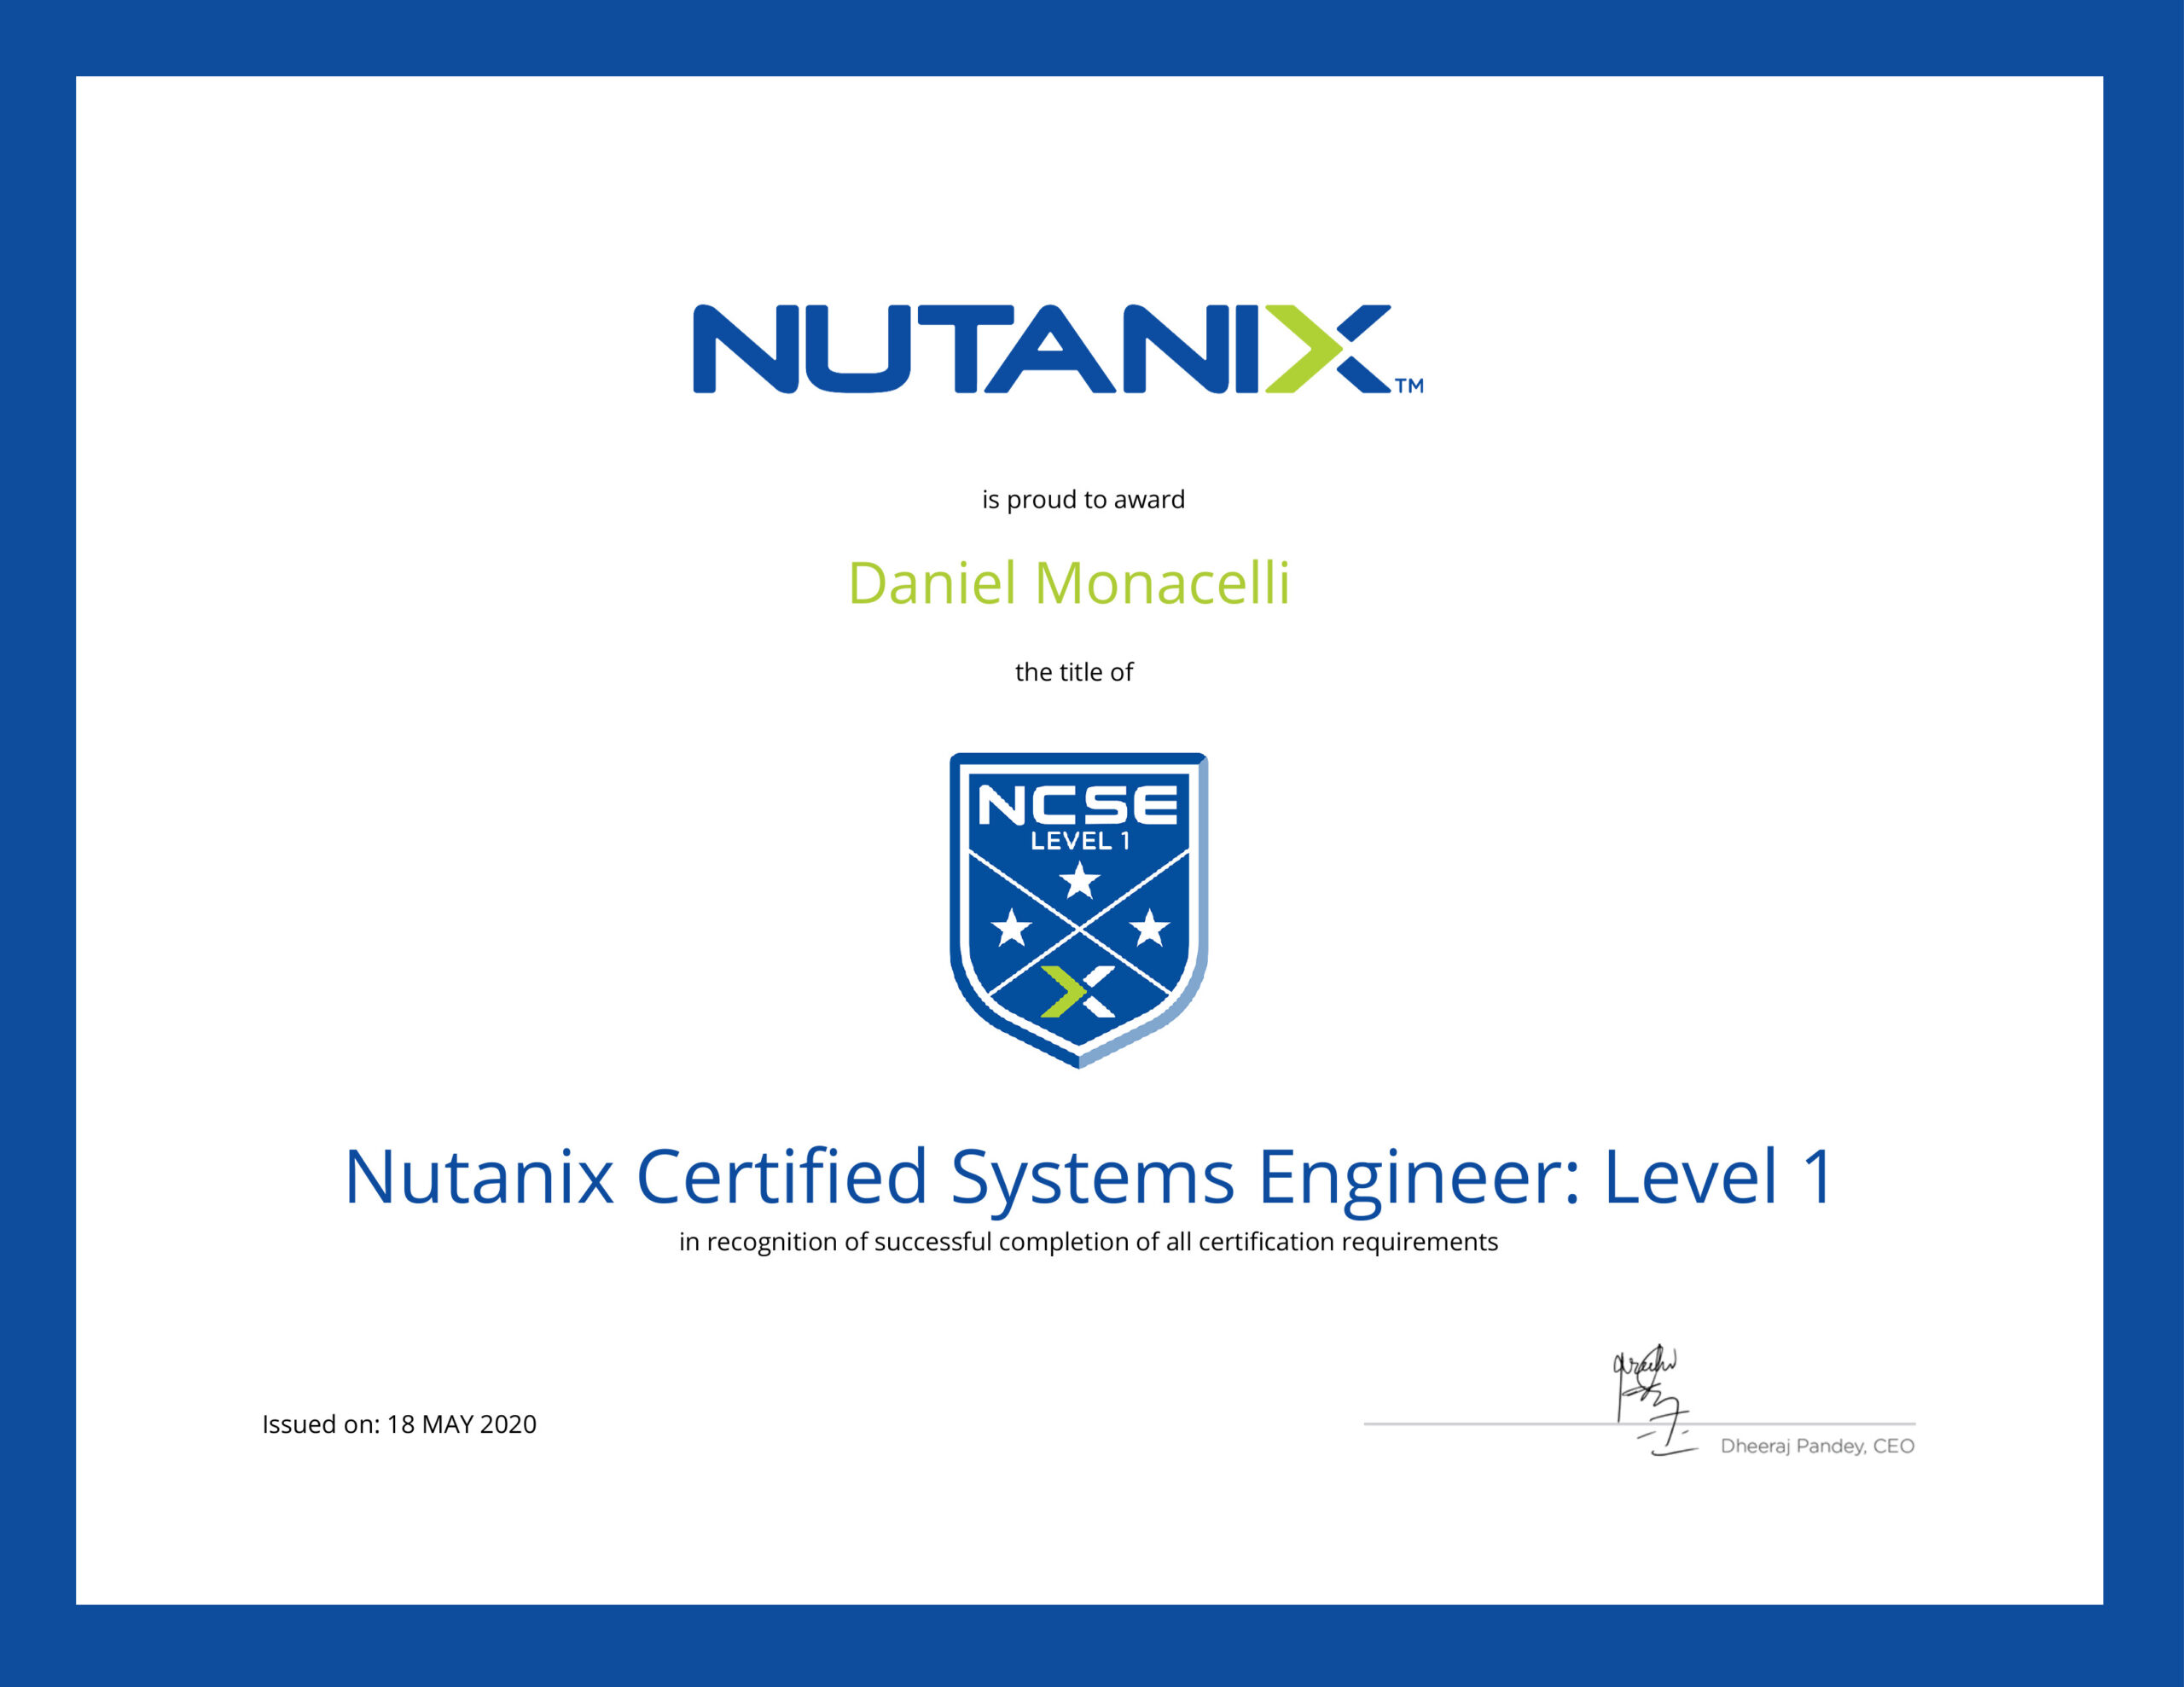 sinapsi srl - system integrator Umbria Lazio Marche - Partner Nutanix Iperconvergenza NCSEL1